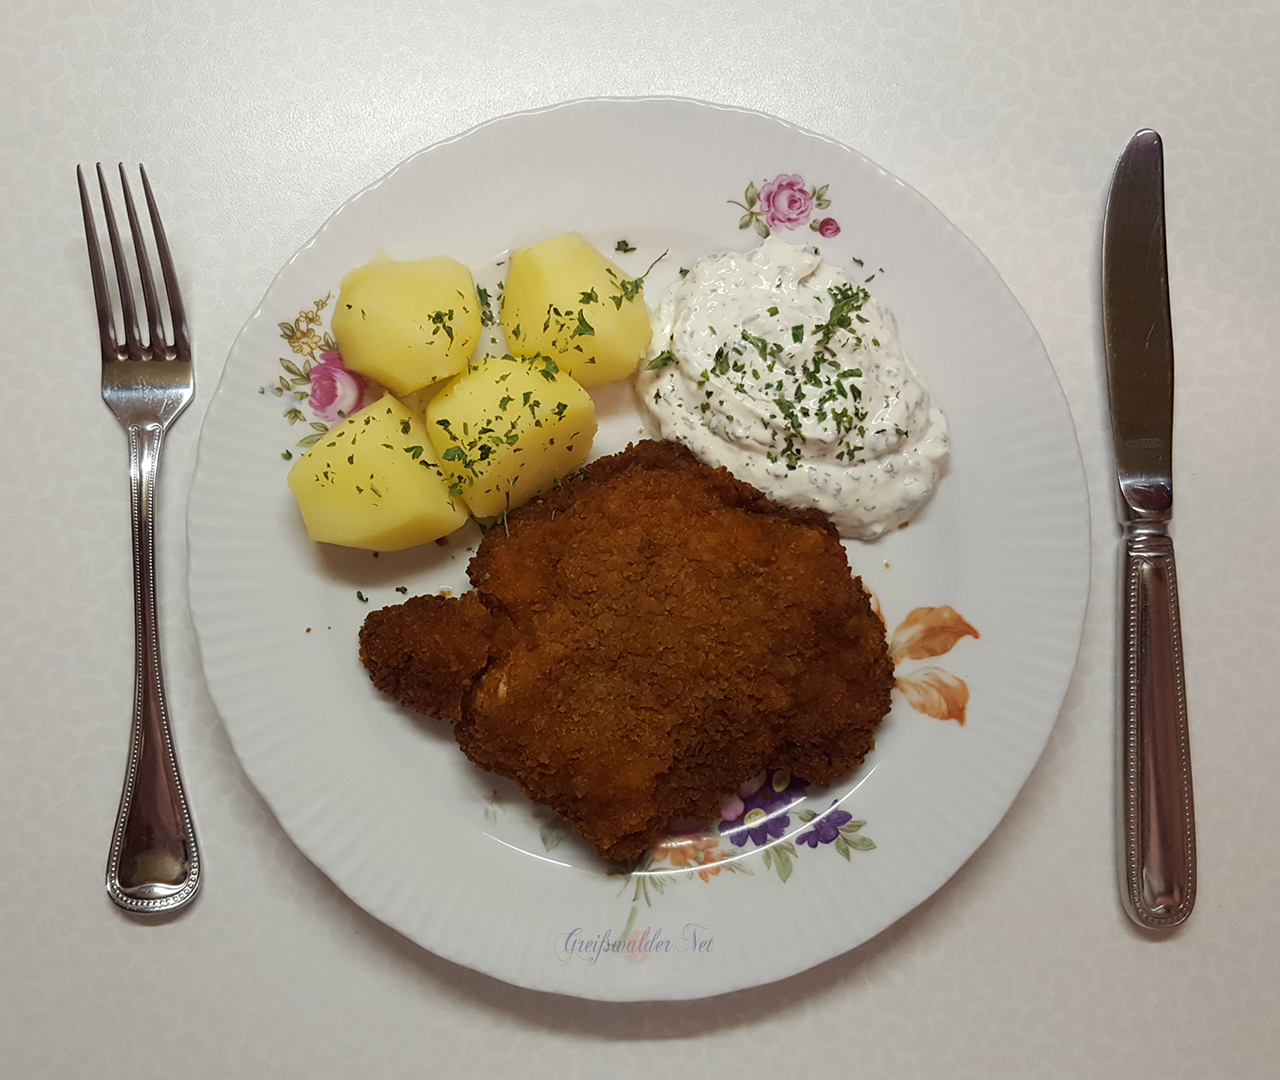 Hähnchenschnitzel mit Kartoffeln und Kräuterquark